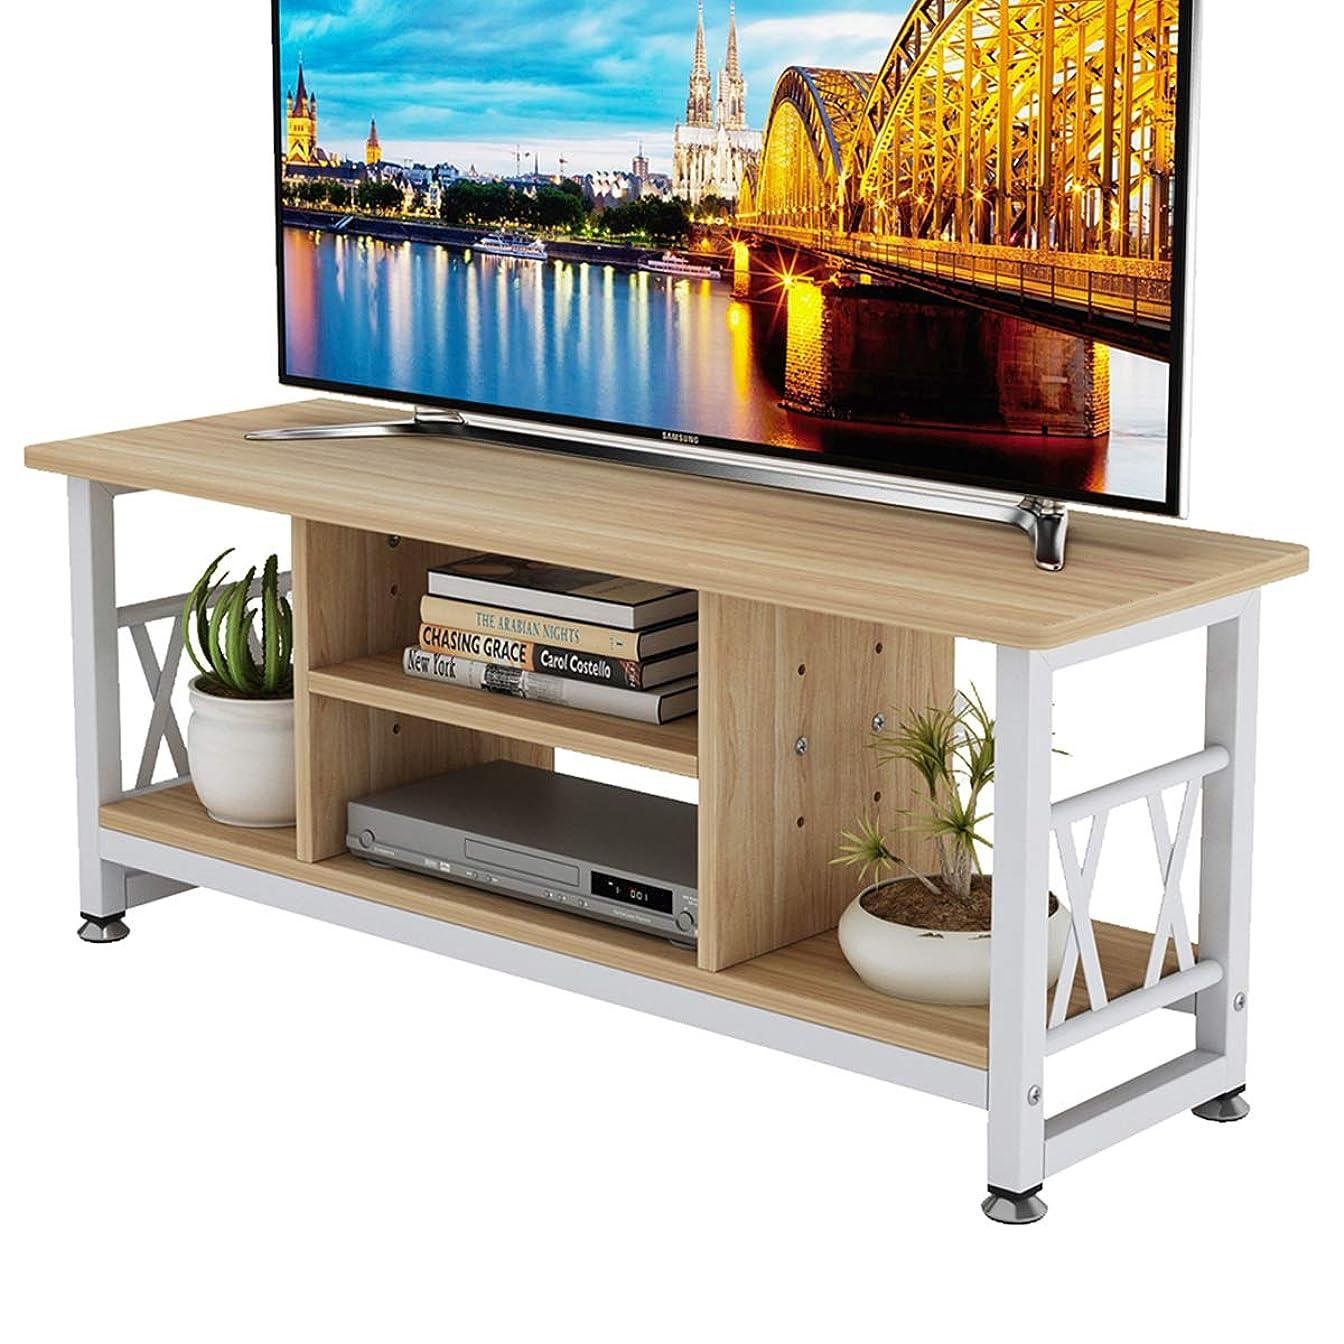 ラインナップレッスンライセンスDEWEL テレビ台 テレビラック AVボード 32型 幅90cm ローボード テレビボード TVボード 40インチ キャスター付き 収納ラック ロータイプ 一年保証 簡単組立 北欧 薄型 オープン設計 ナチュラル 90×30×37cm